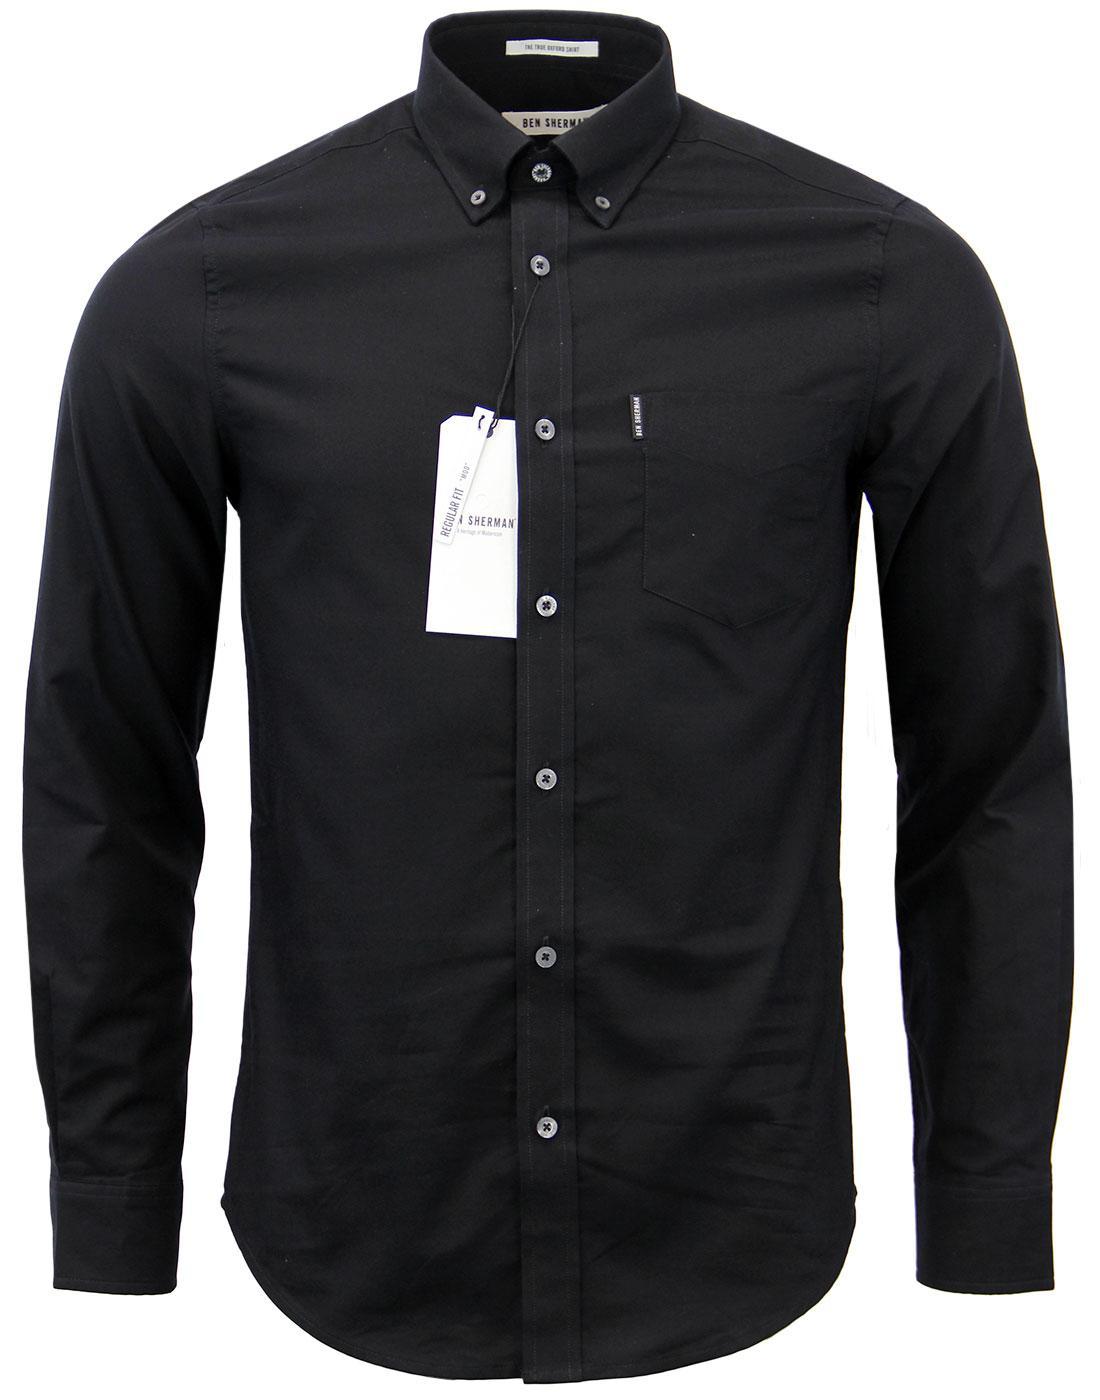 Ben sherman retro mod button down ivy league oxford shirt for Black oxford button down shirt